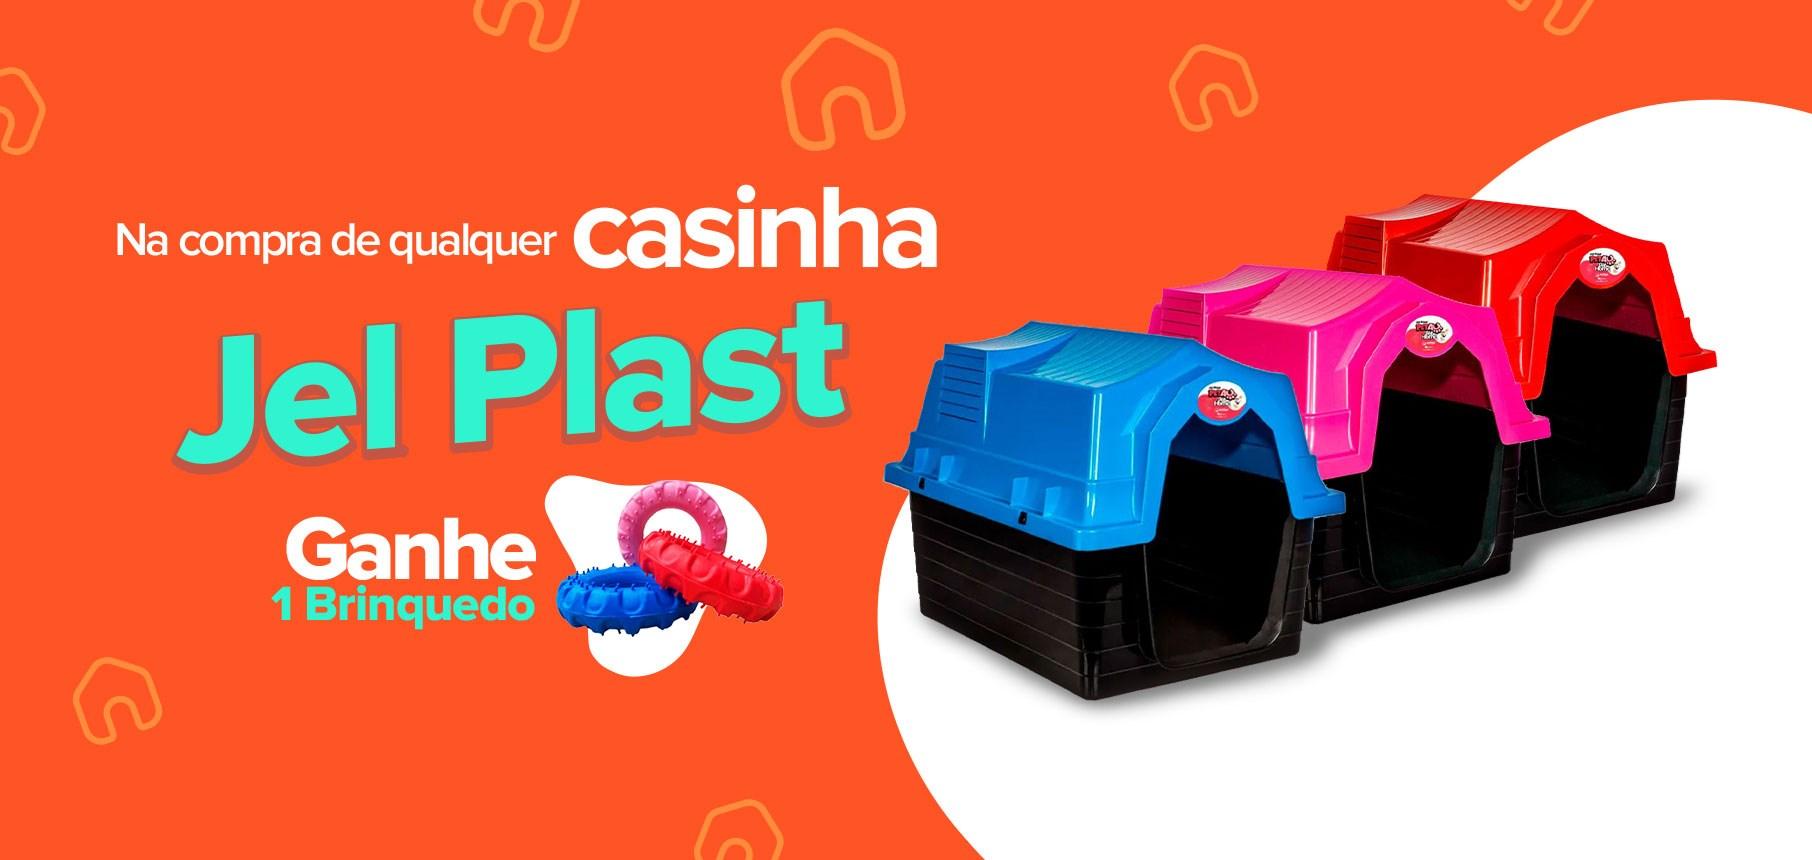 Compre e ganhe: na compra de qualquer casinha Jel Plast ganhe 1 brinquedo